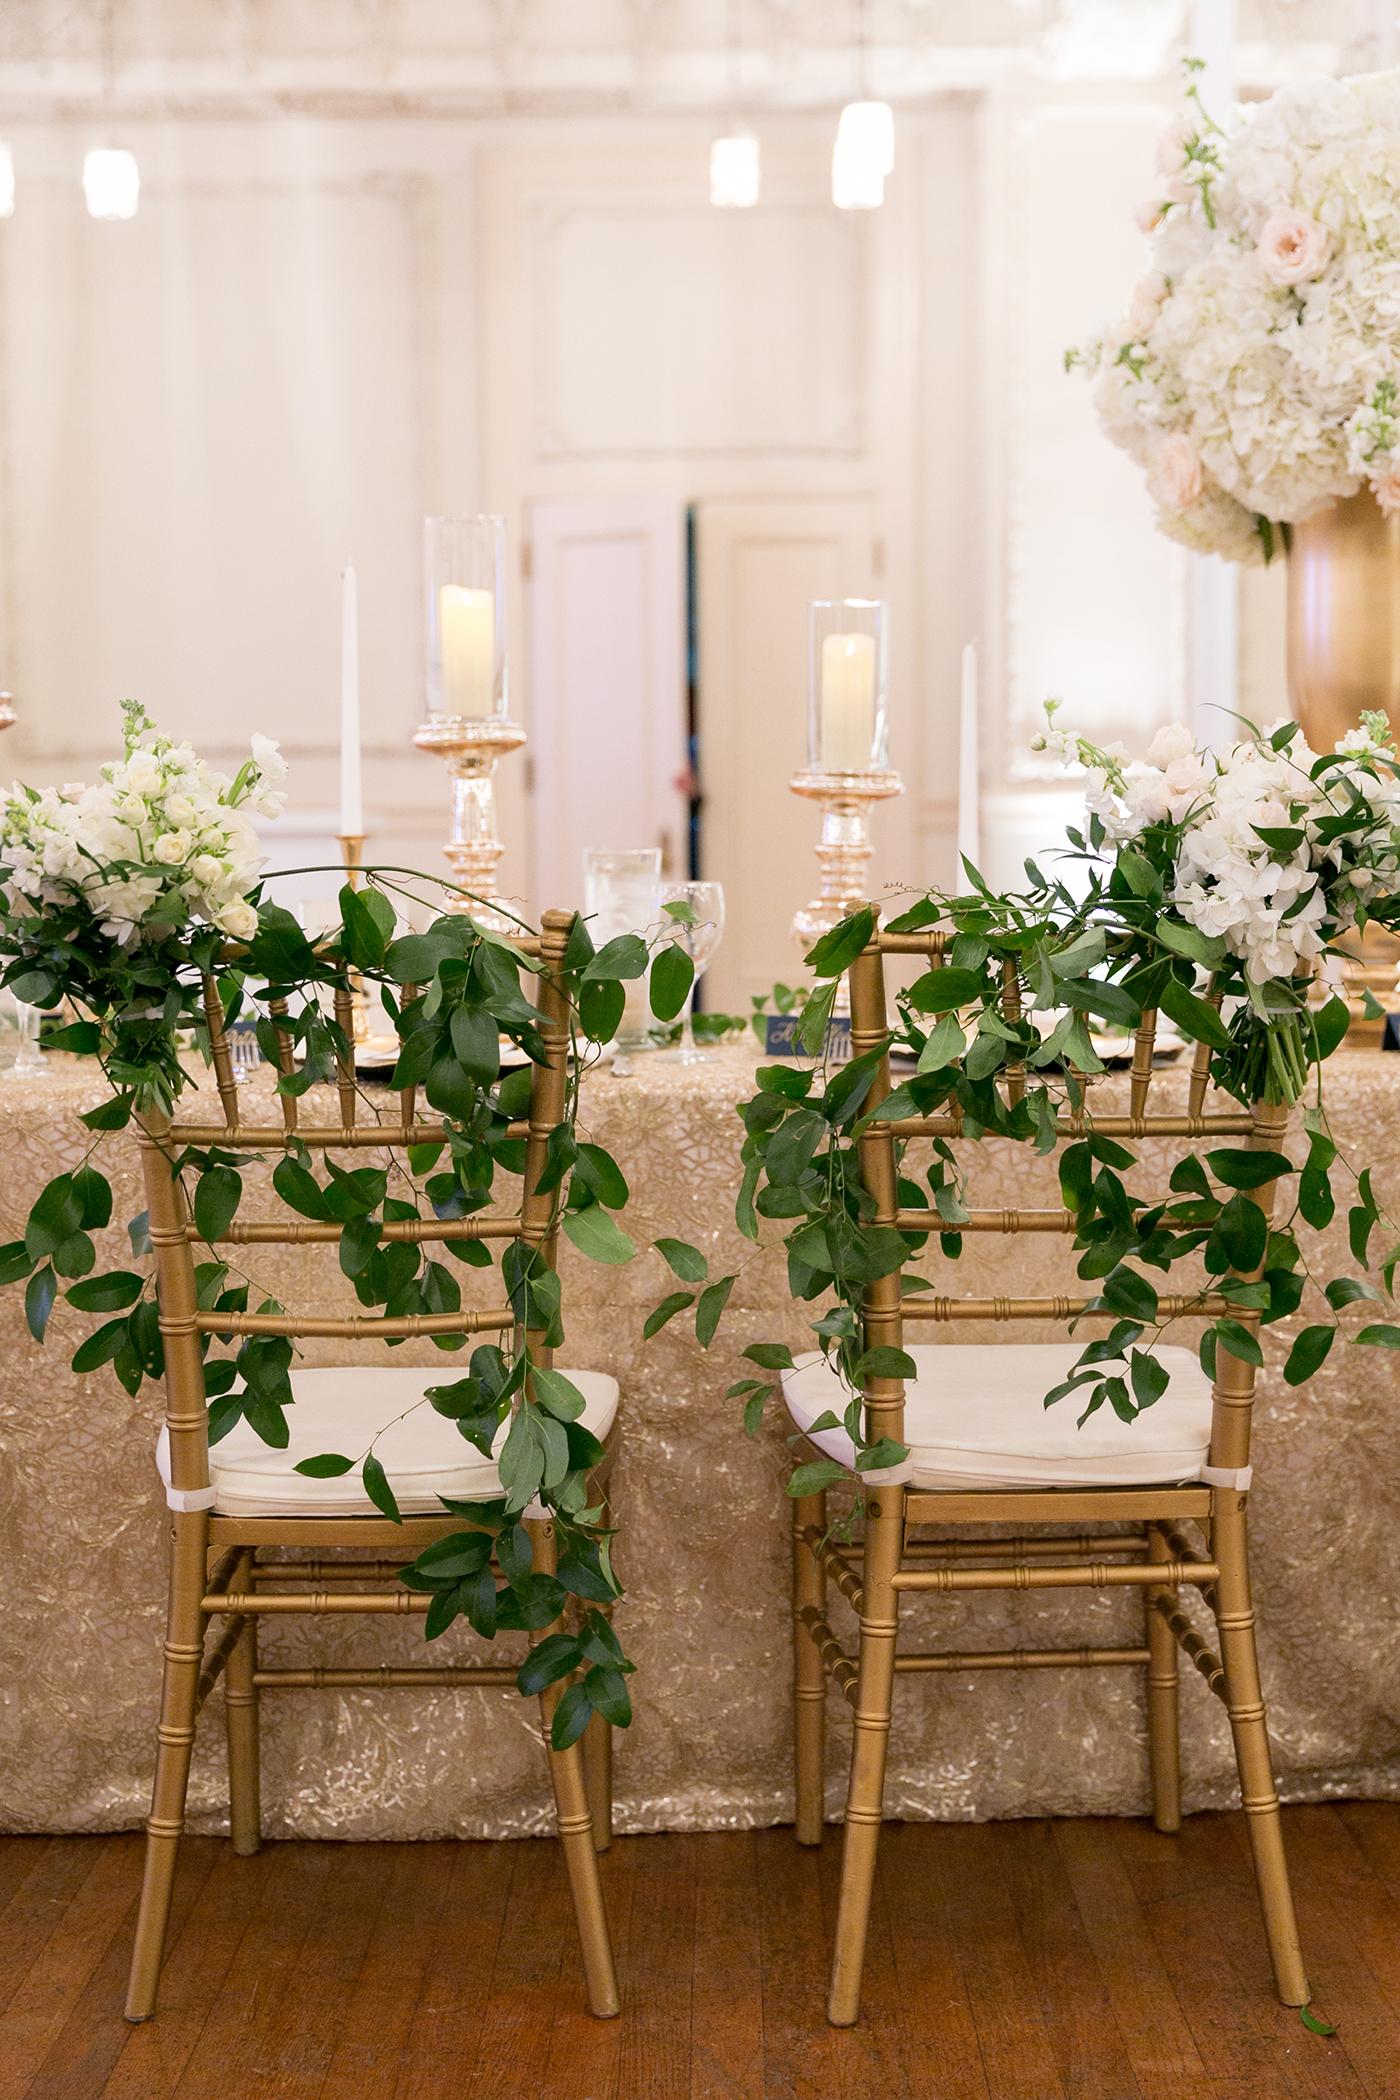 Dallas Wedding Planner - Allday Events - Classic Wedding at Dallas Scottish Rite - 142.jpg